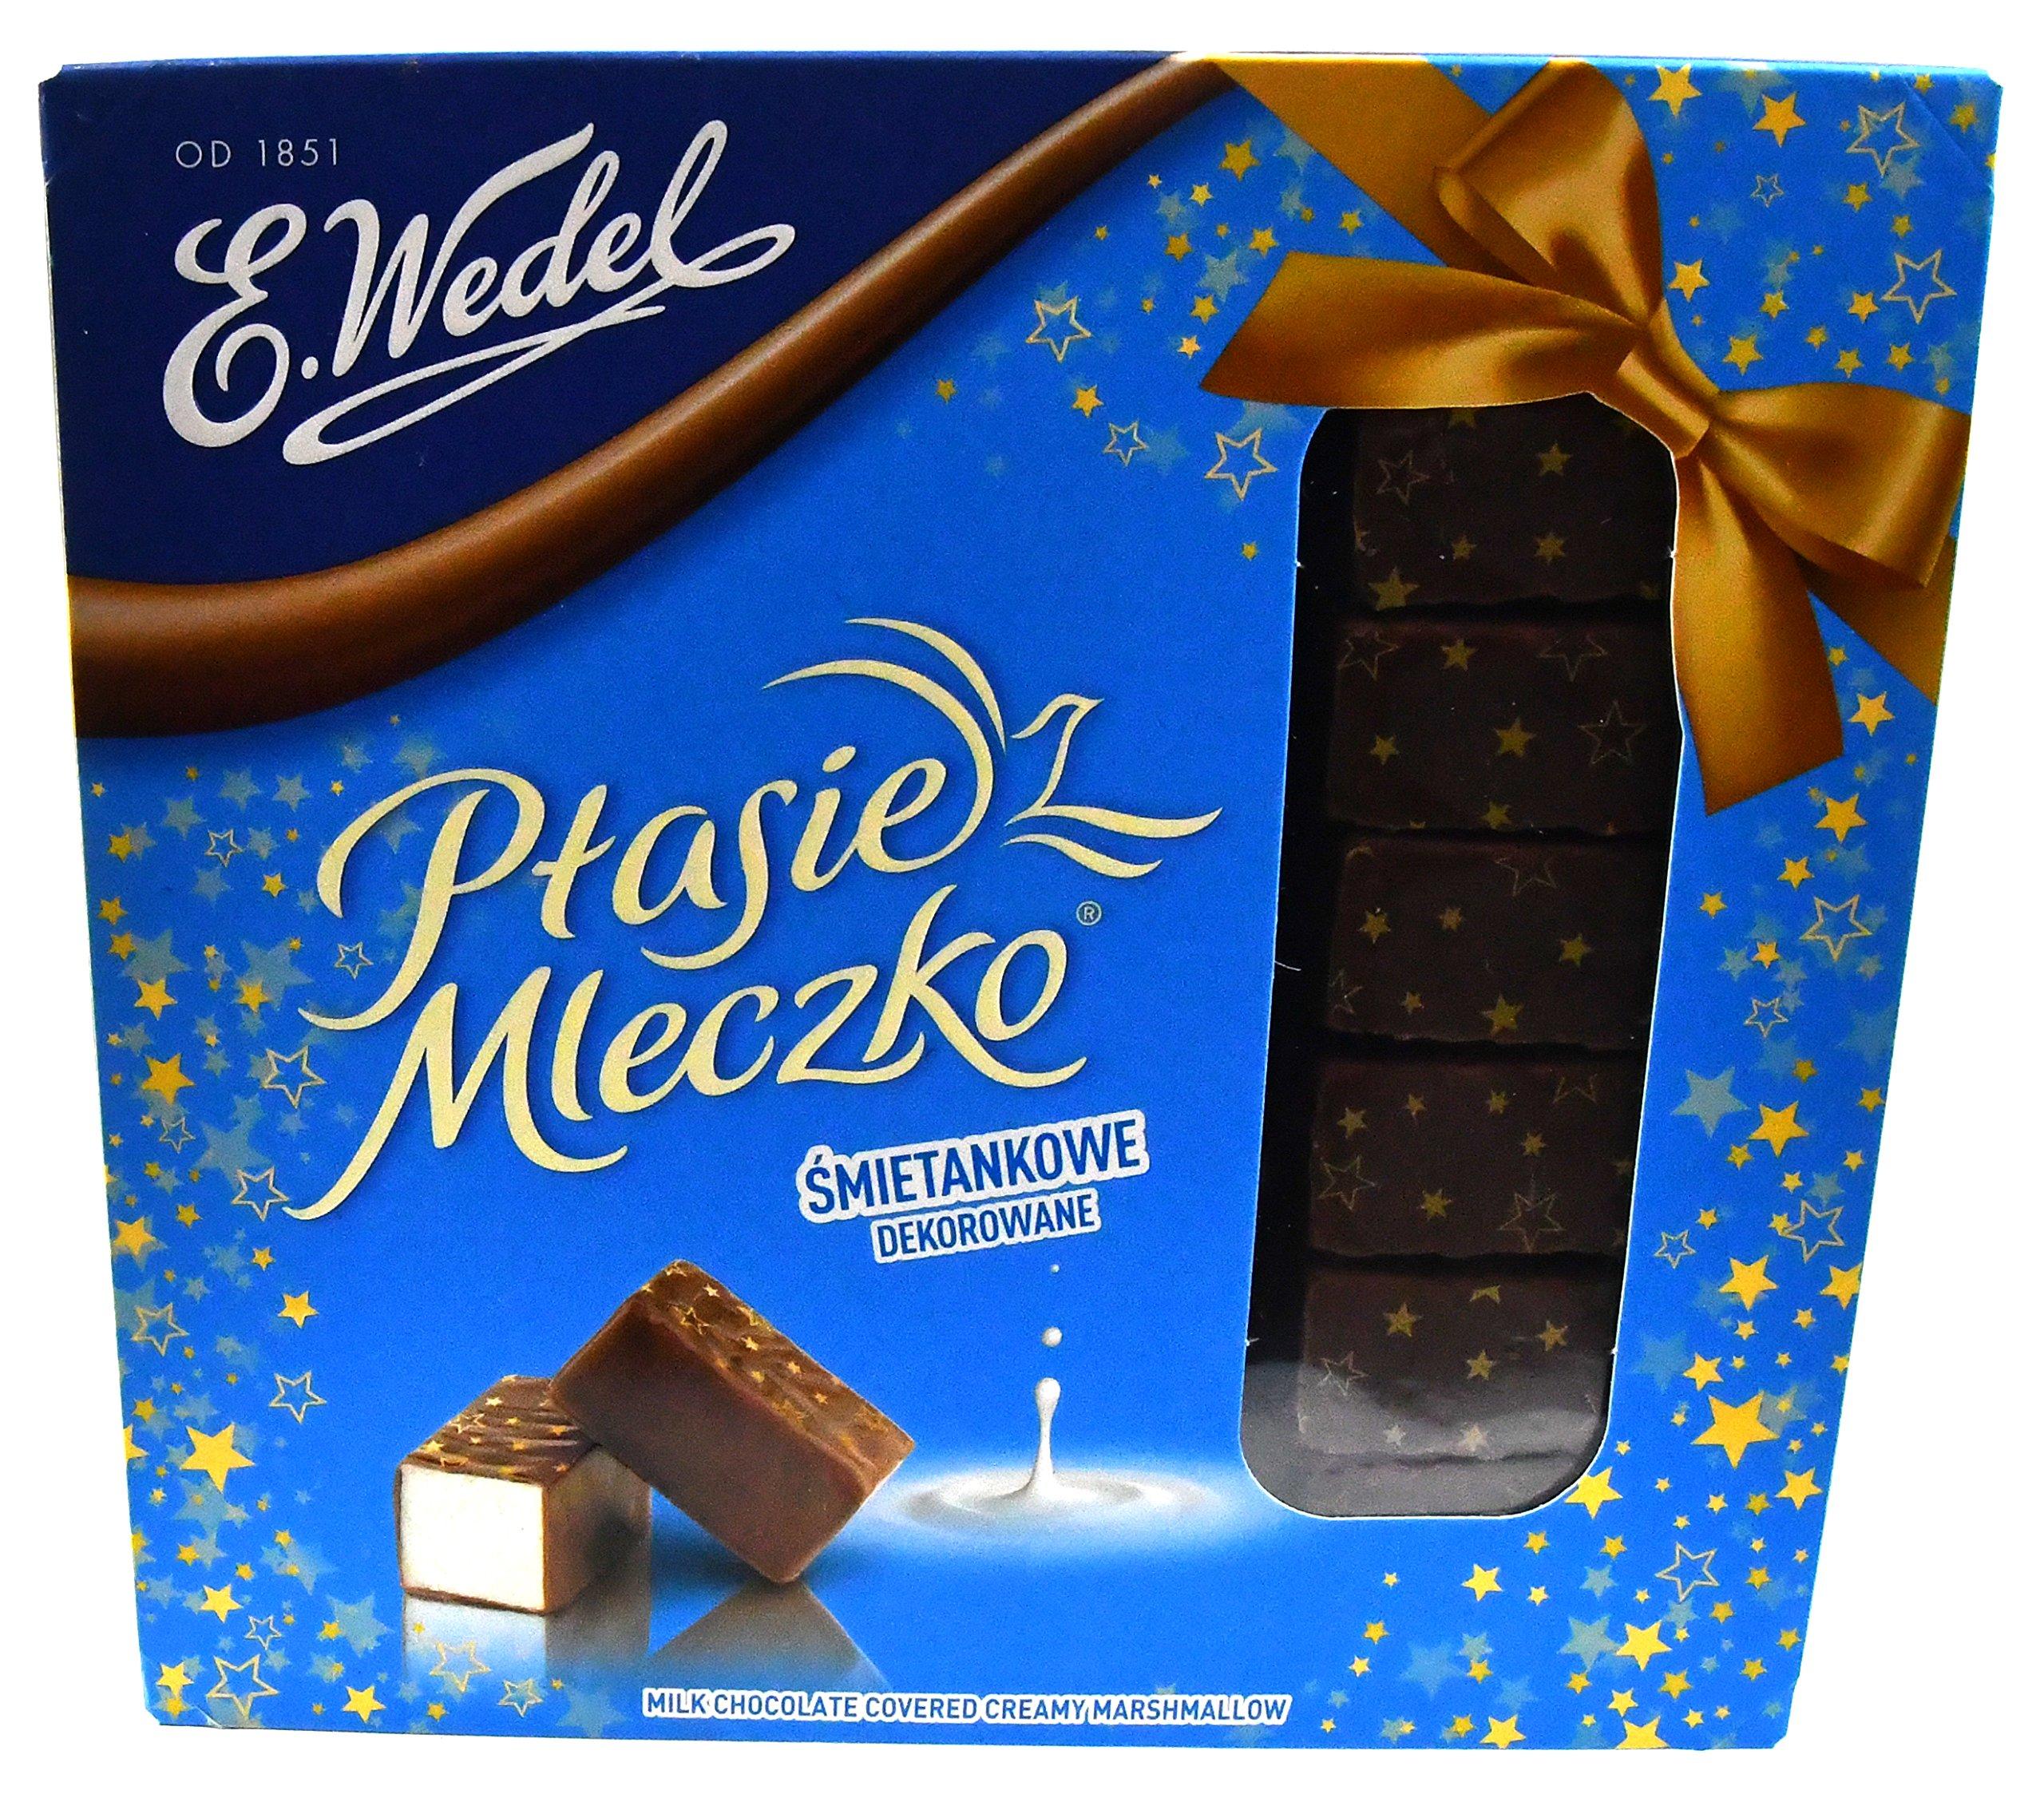 Ptasie Mleczko Creamy Marshmallow Covered 13.4 Ounce